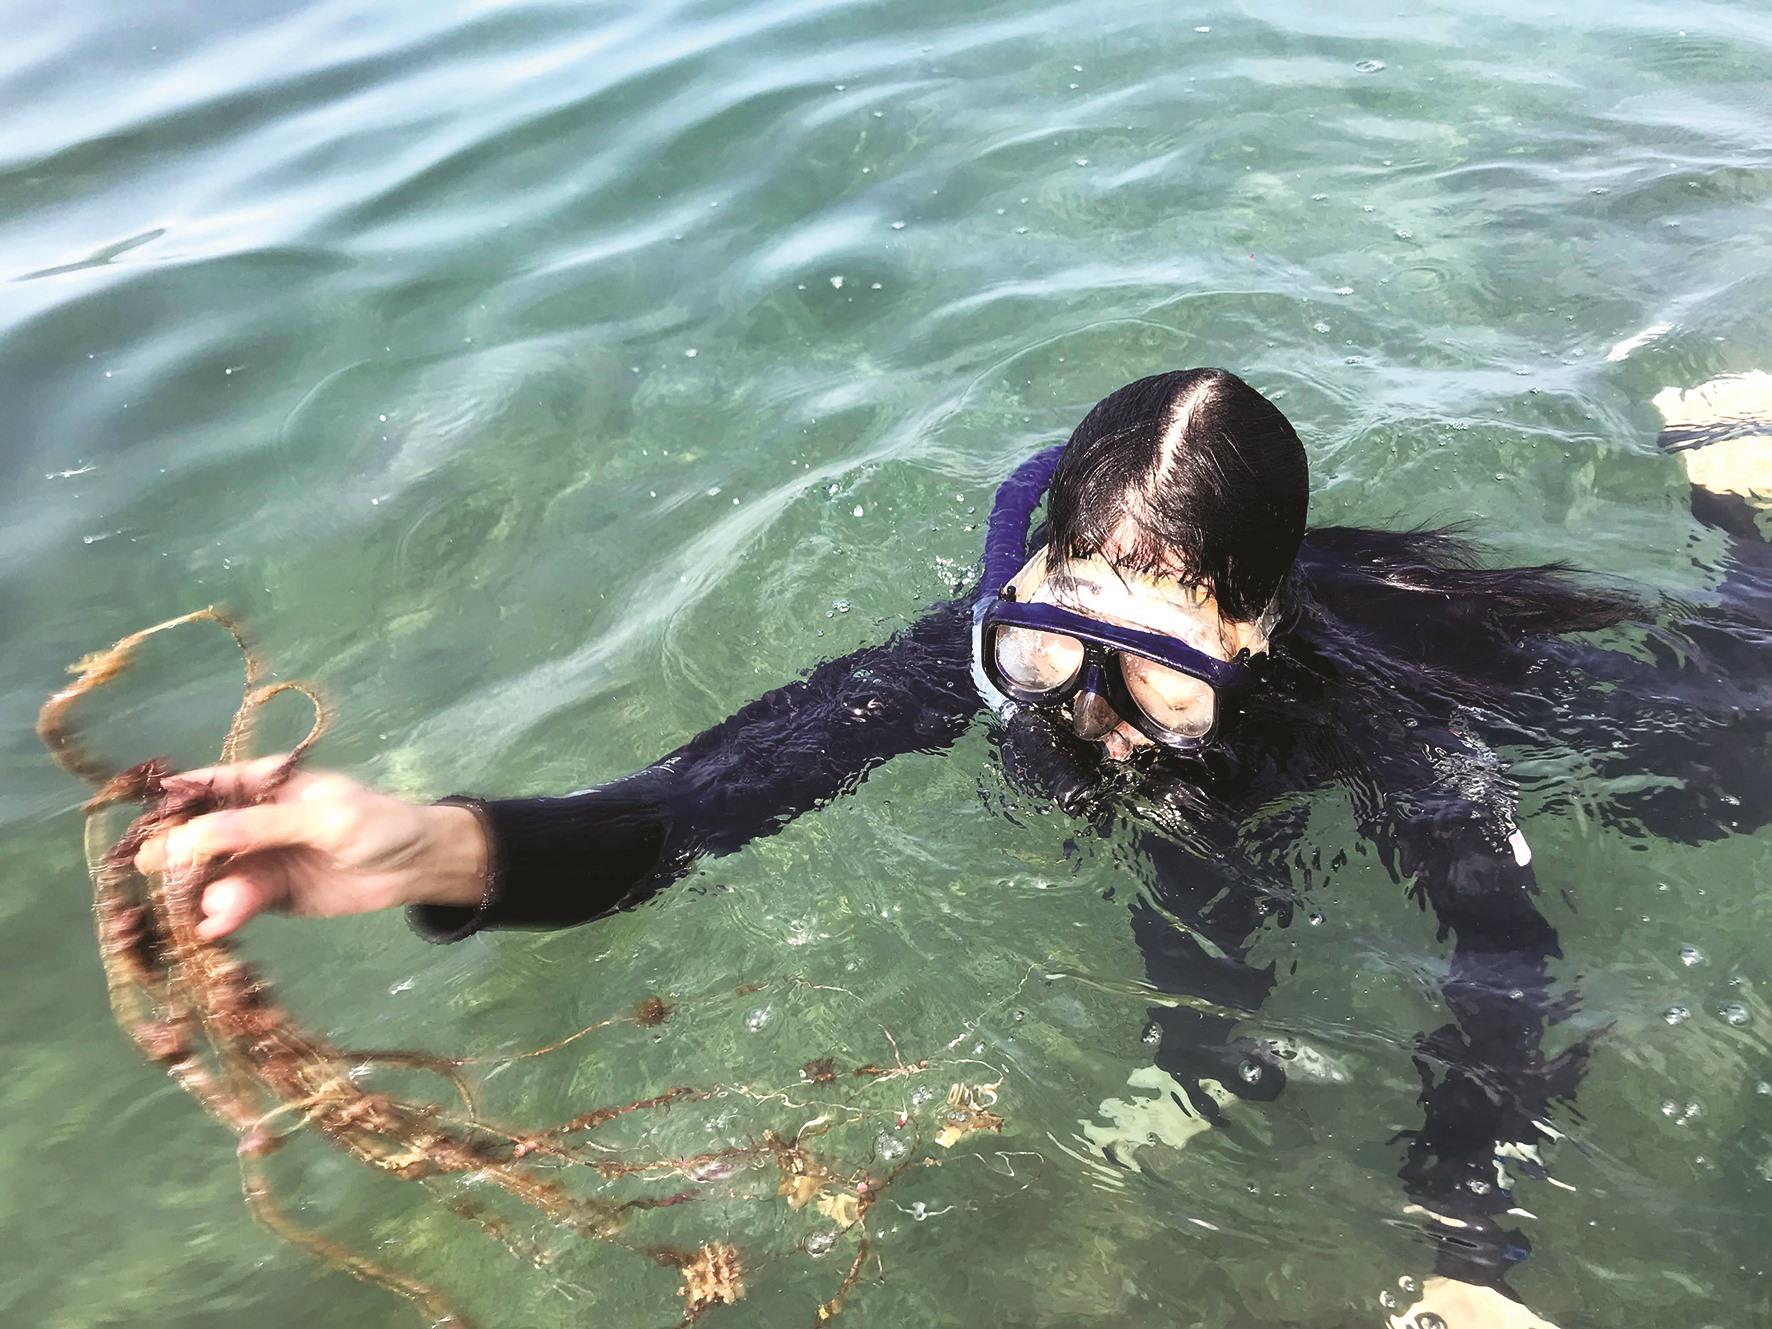 Tiêu diệt sao biển gai và làm sạch rác thải giúp san hô phát triển.